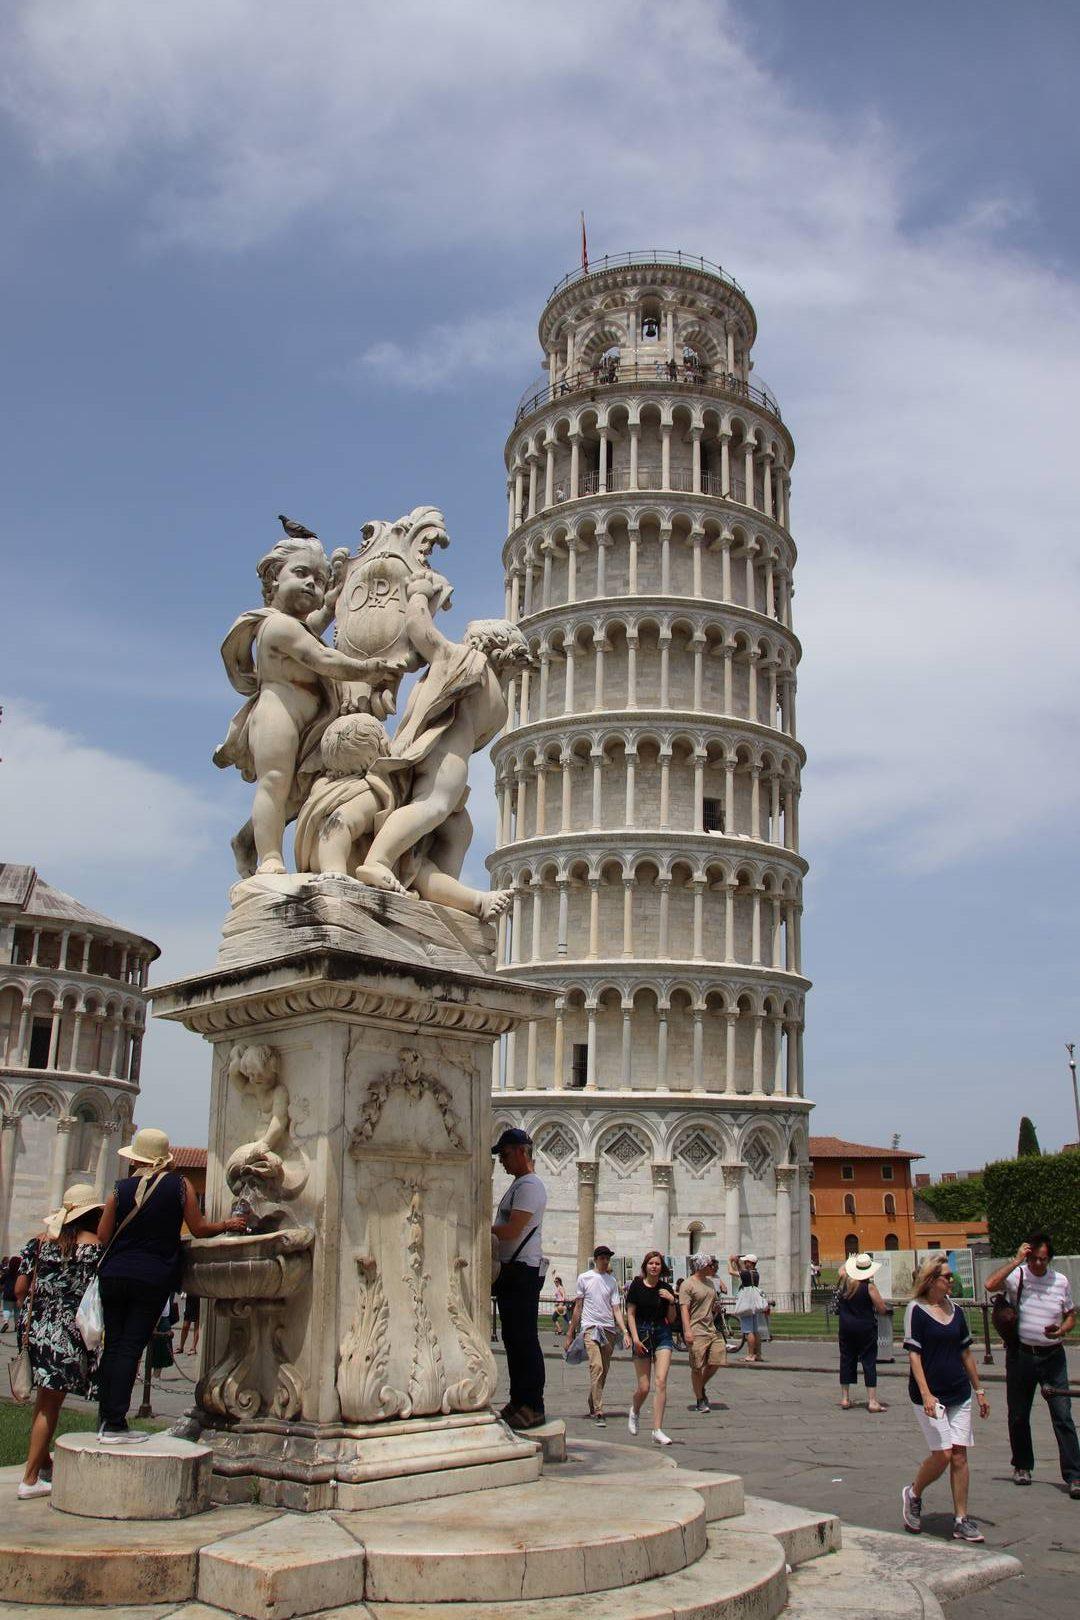 Italie - Fontaine devant la tour de Pise